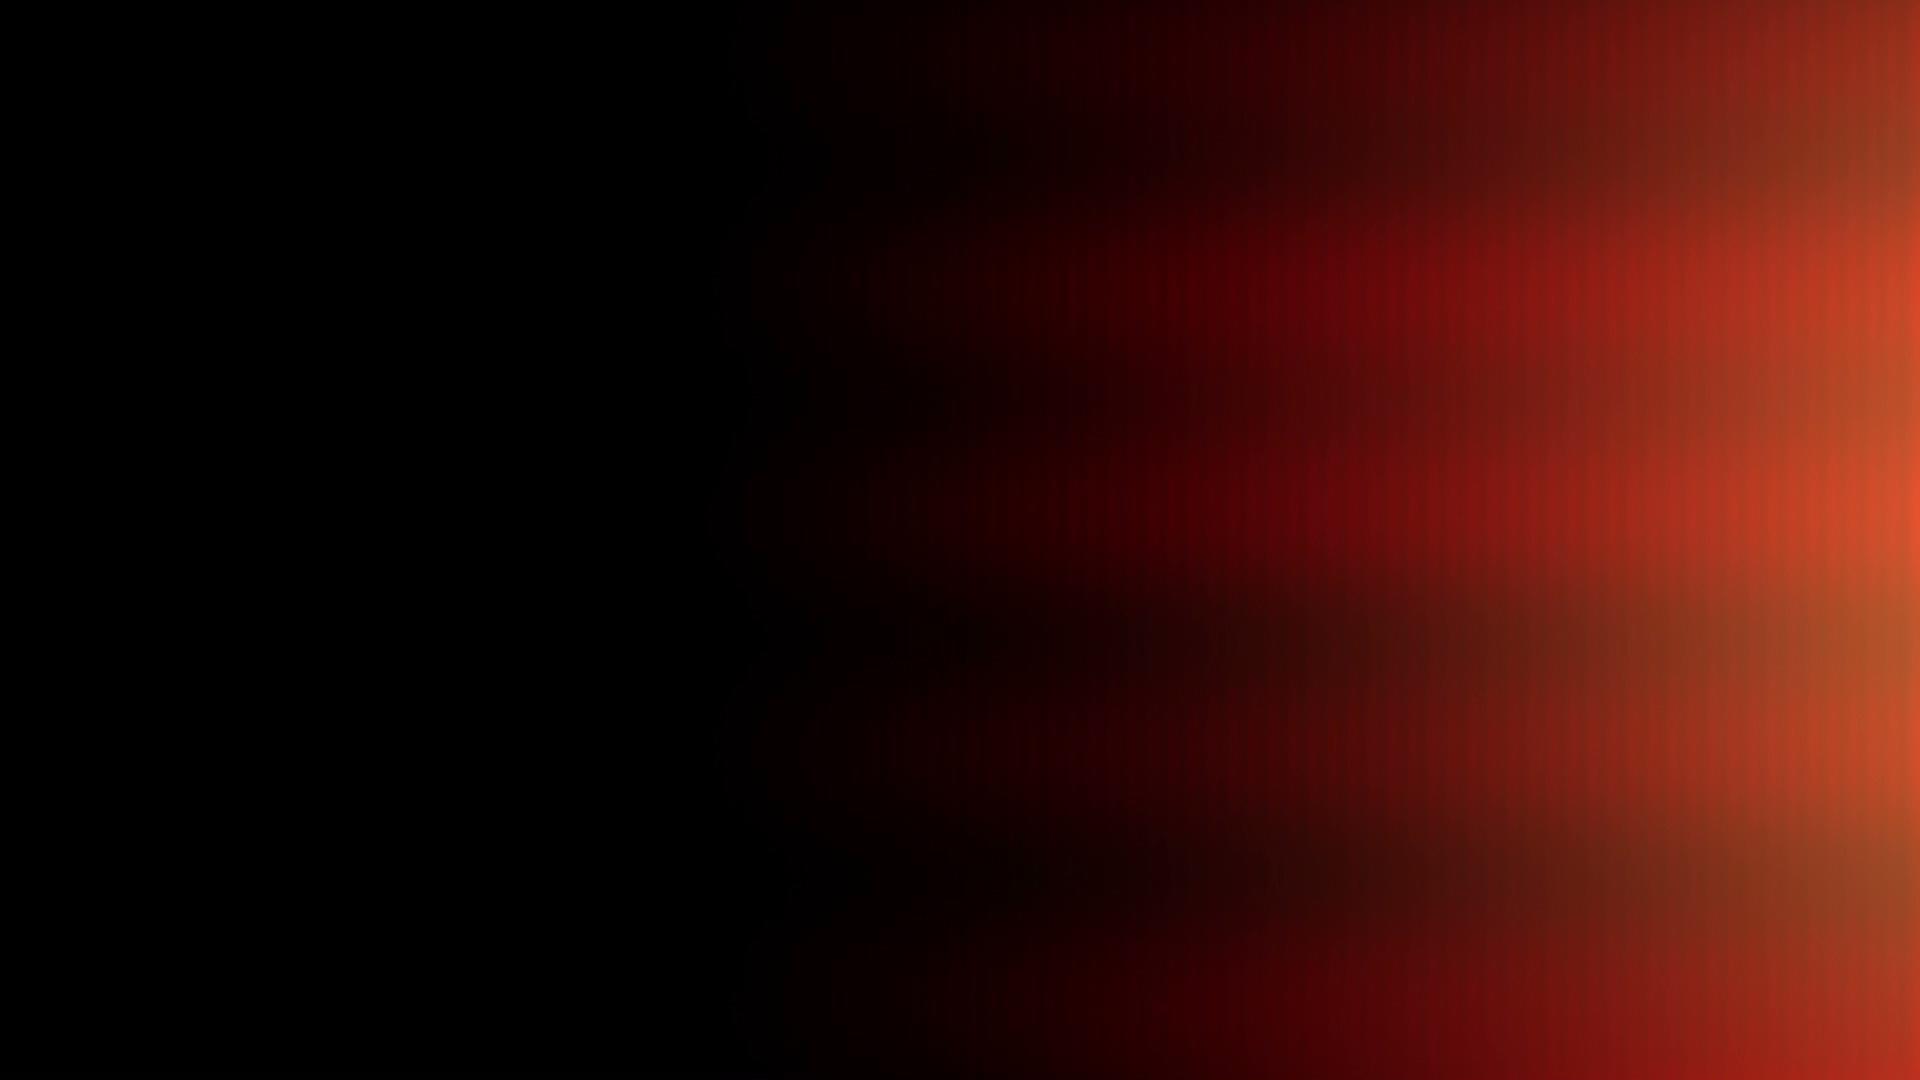 红色旋转光源